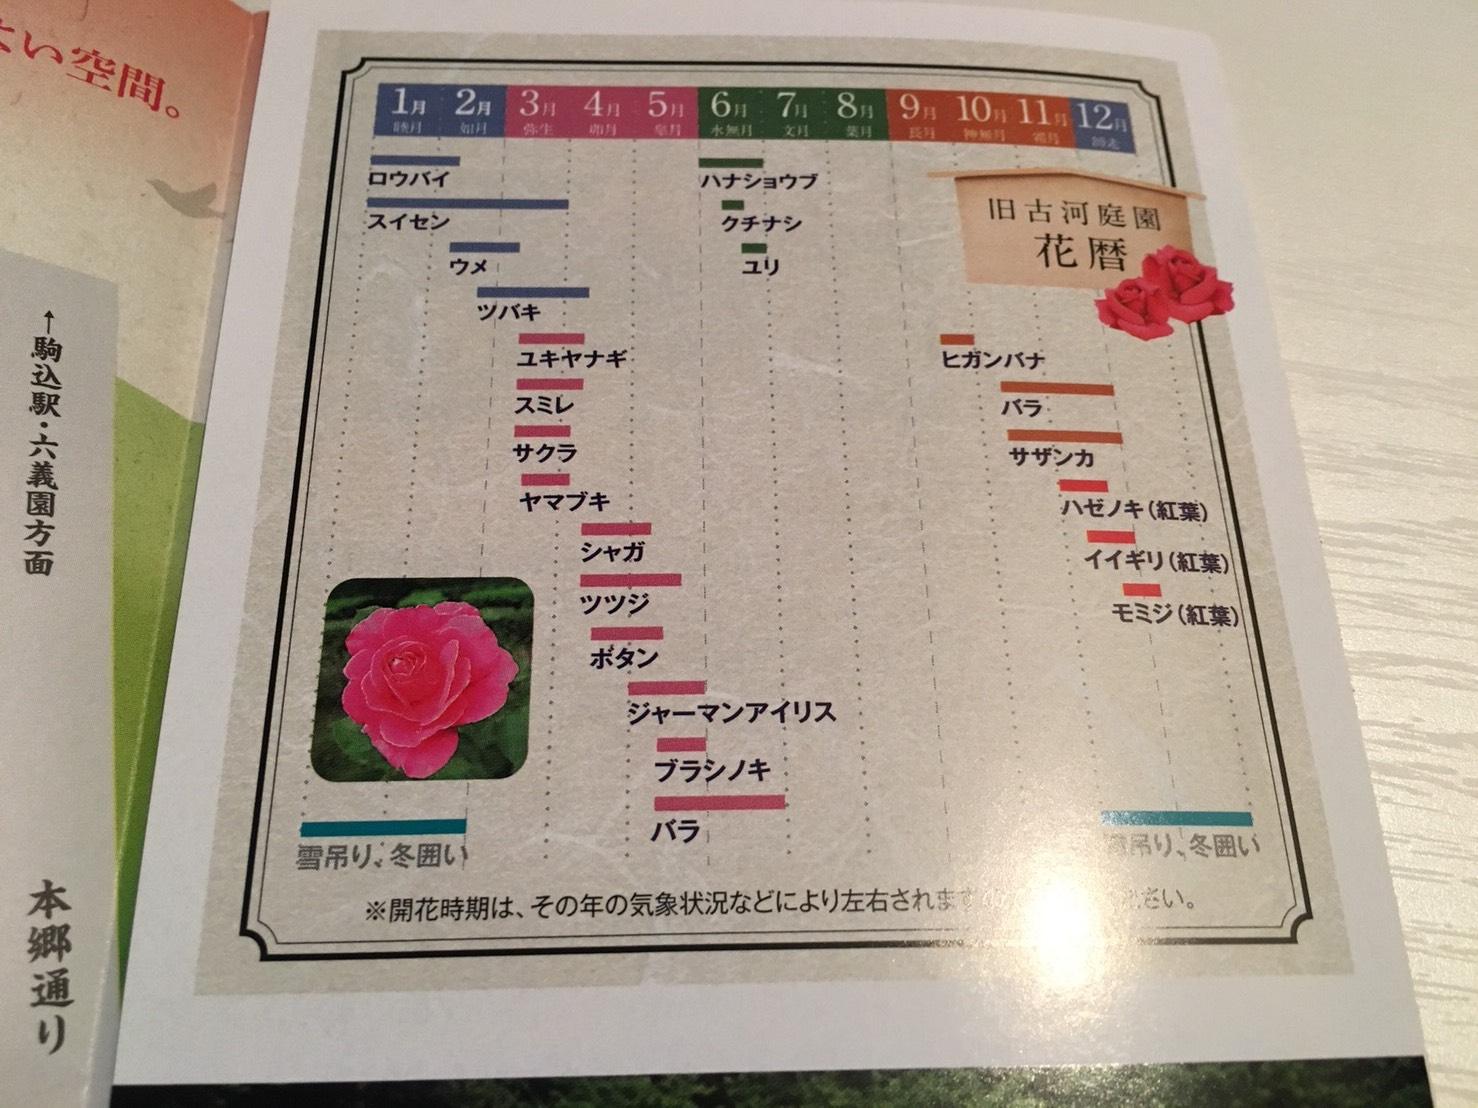 【上中里駅】バラが咲き誇る日英が混ざる庭園「旧古河庭園」の花暦